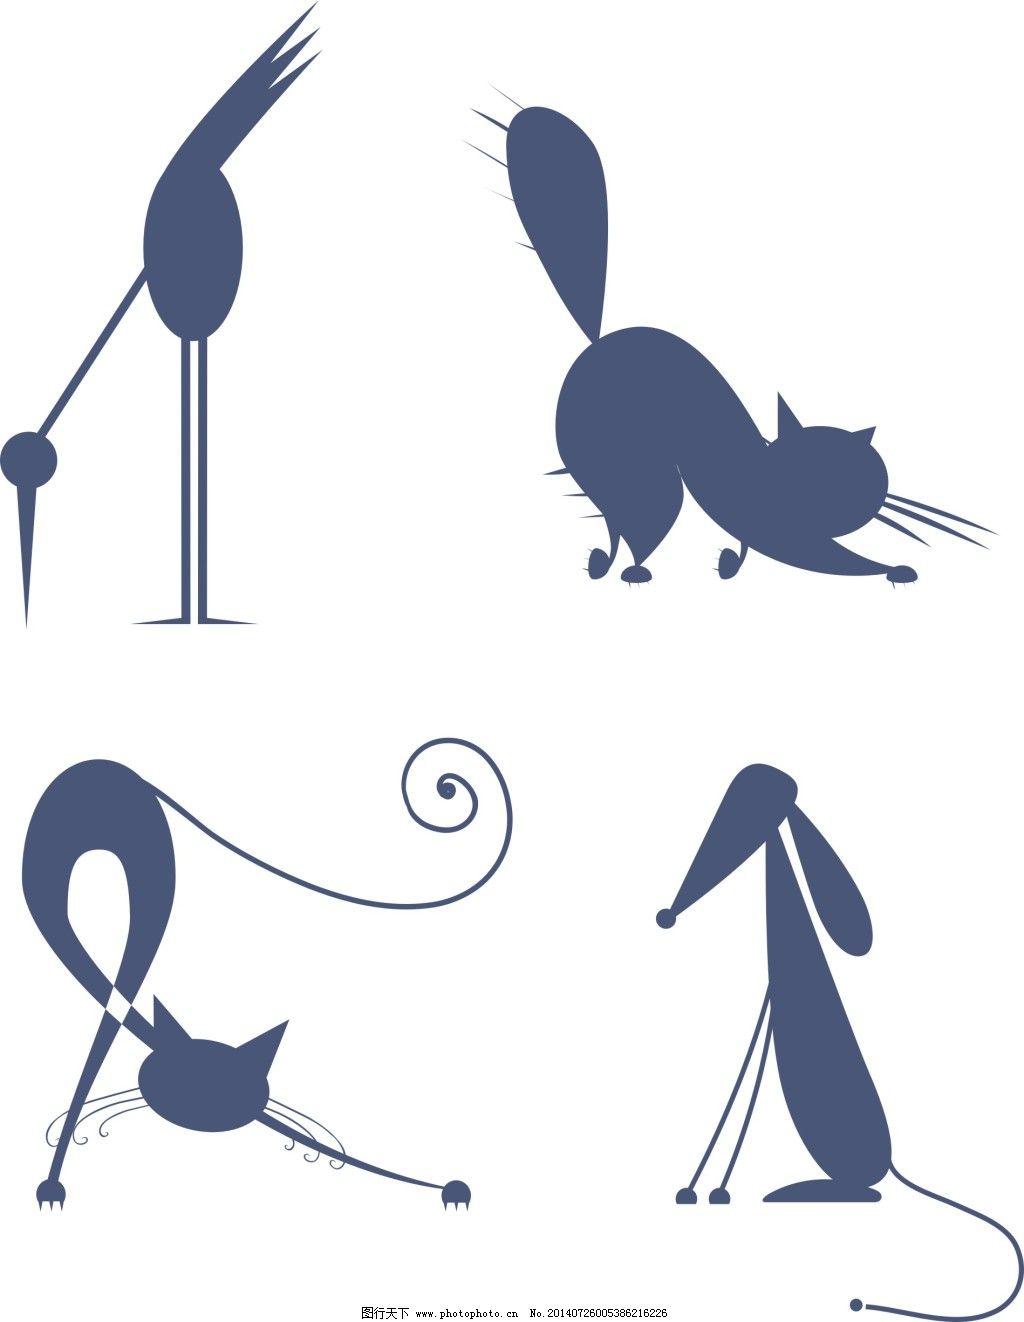 动物剪影免费下载 动物 剪影 鸟 动物 剪影 鸟 矢量图 广告设计